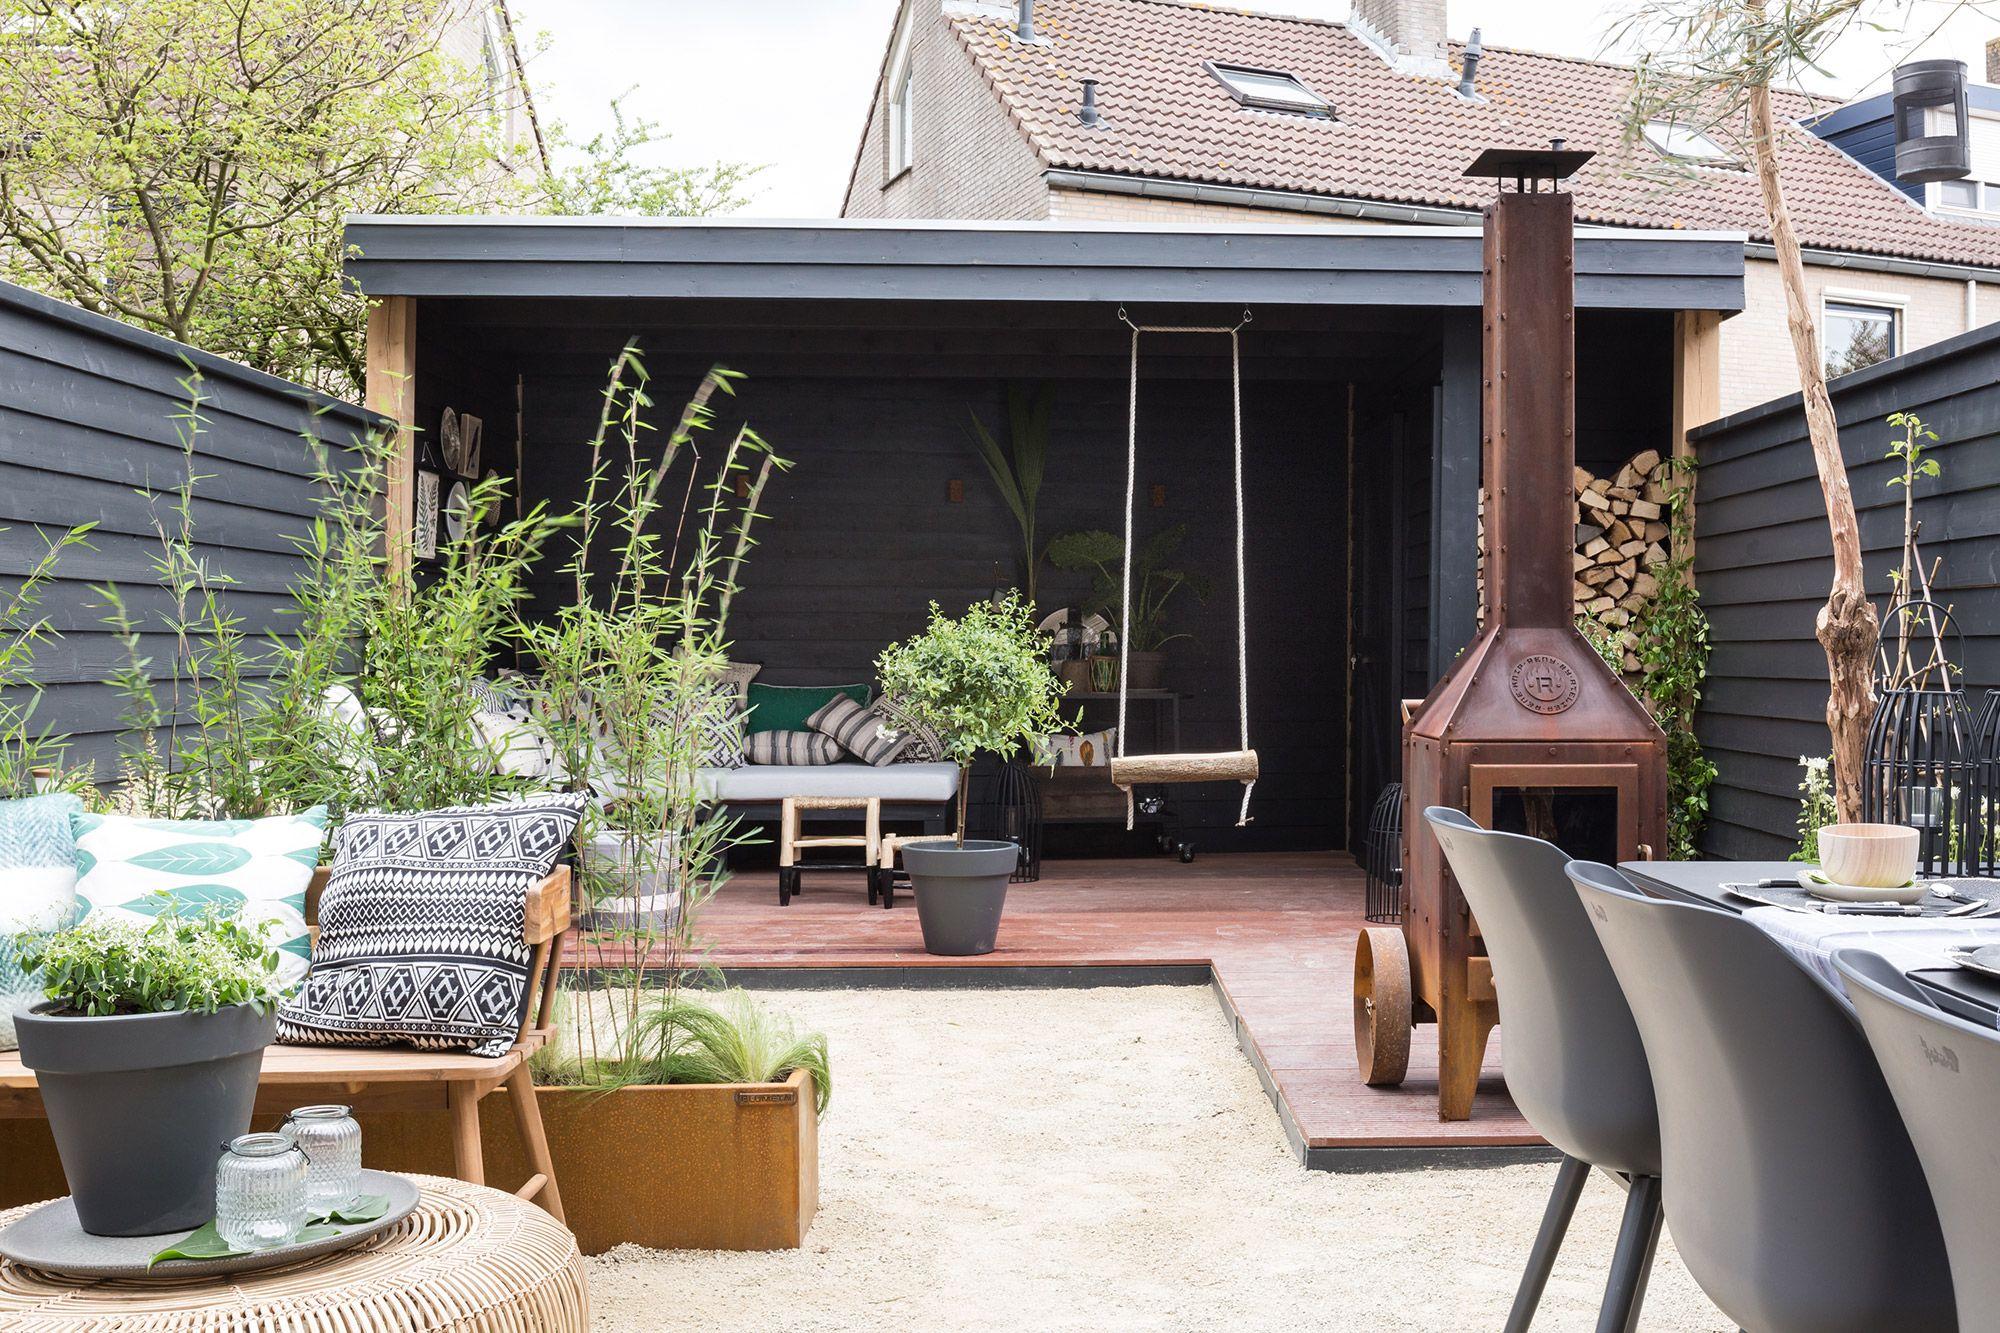 Une terrasse pour l t aux pays bas planete deco a homes world verliefd weer en tuin - Deco kleine zithoek ...